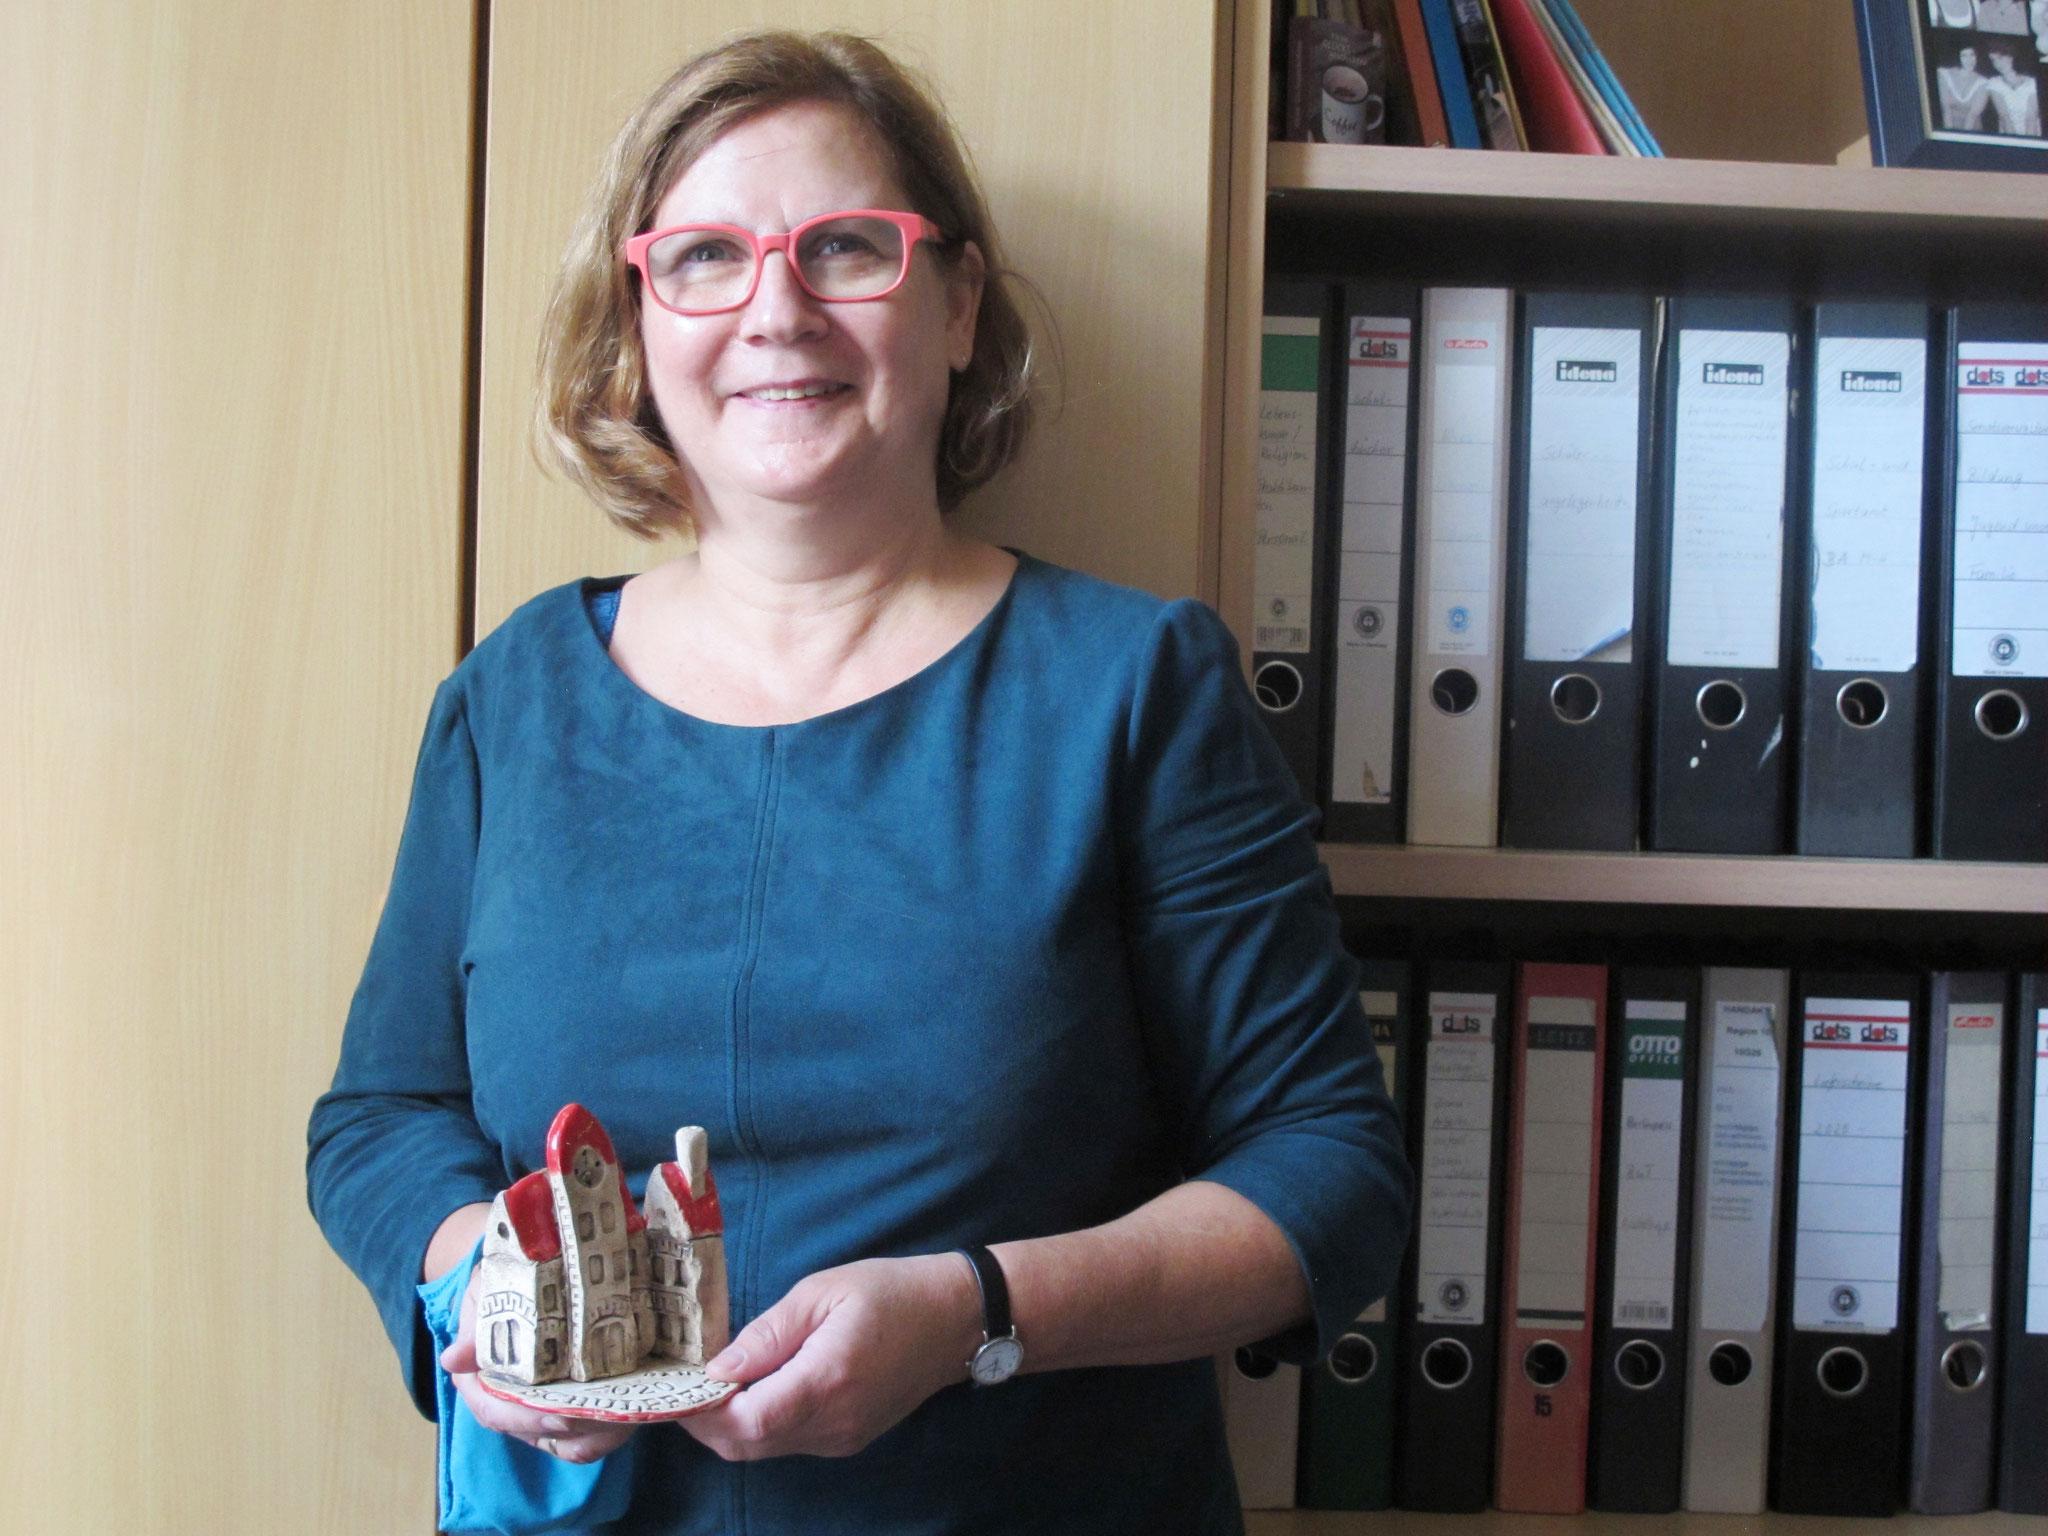 Sekretärin Corina Streek ist die gute Seele unter dem Dach der Friedrich-Schiller-Schule.